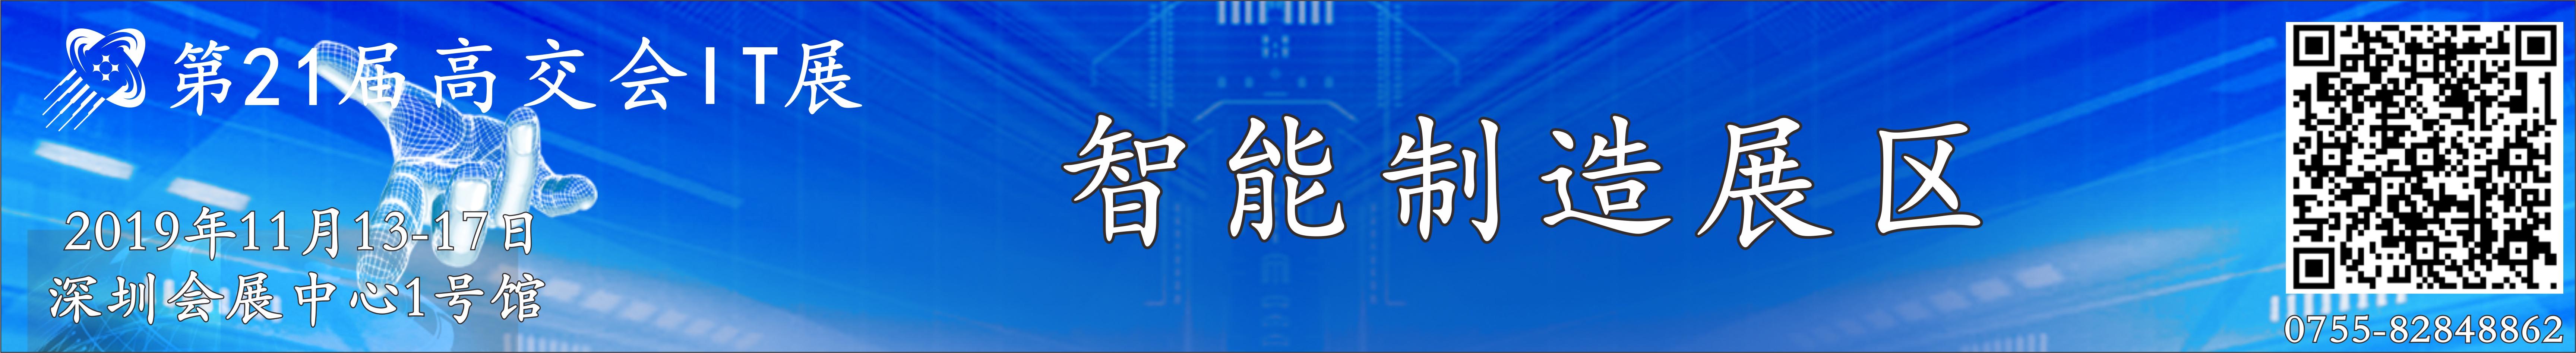 第二十一屆中國國際高新技術成果交易會